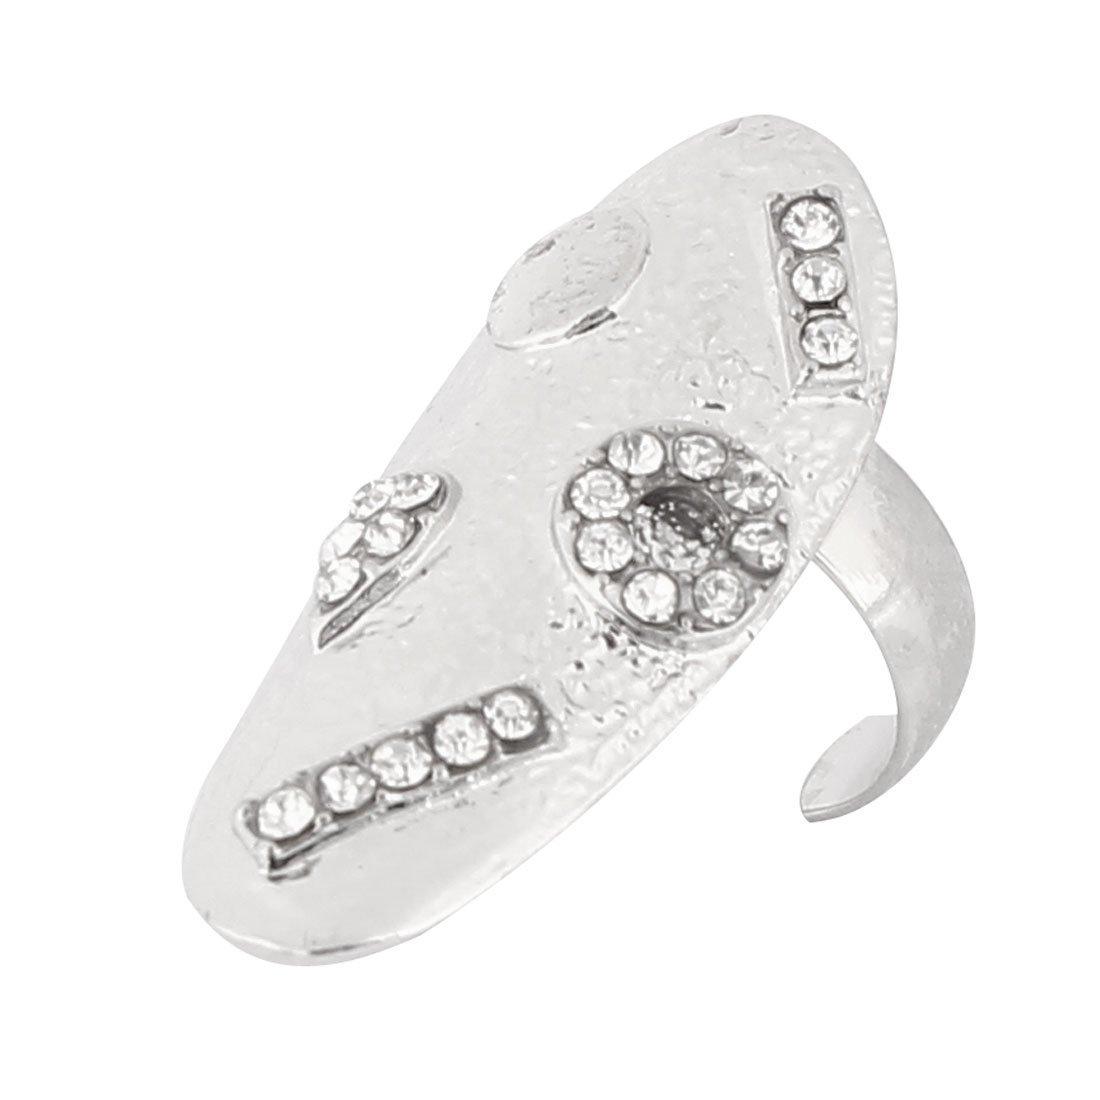 Sourcingmap-Art-Anello da dita con montatura argentata e smaltata, argento